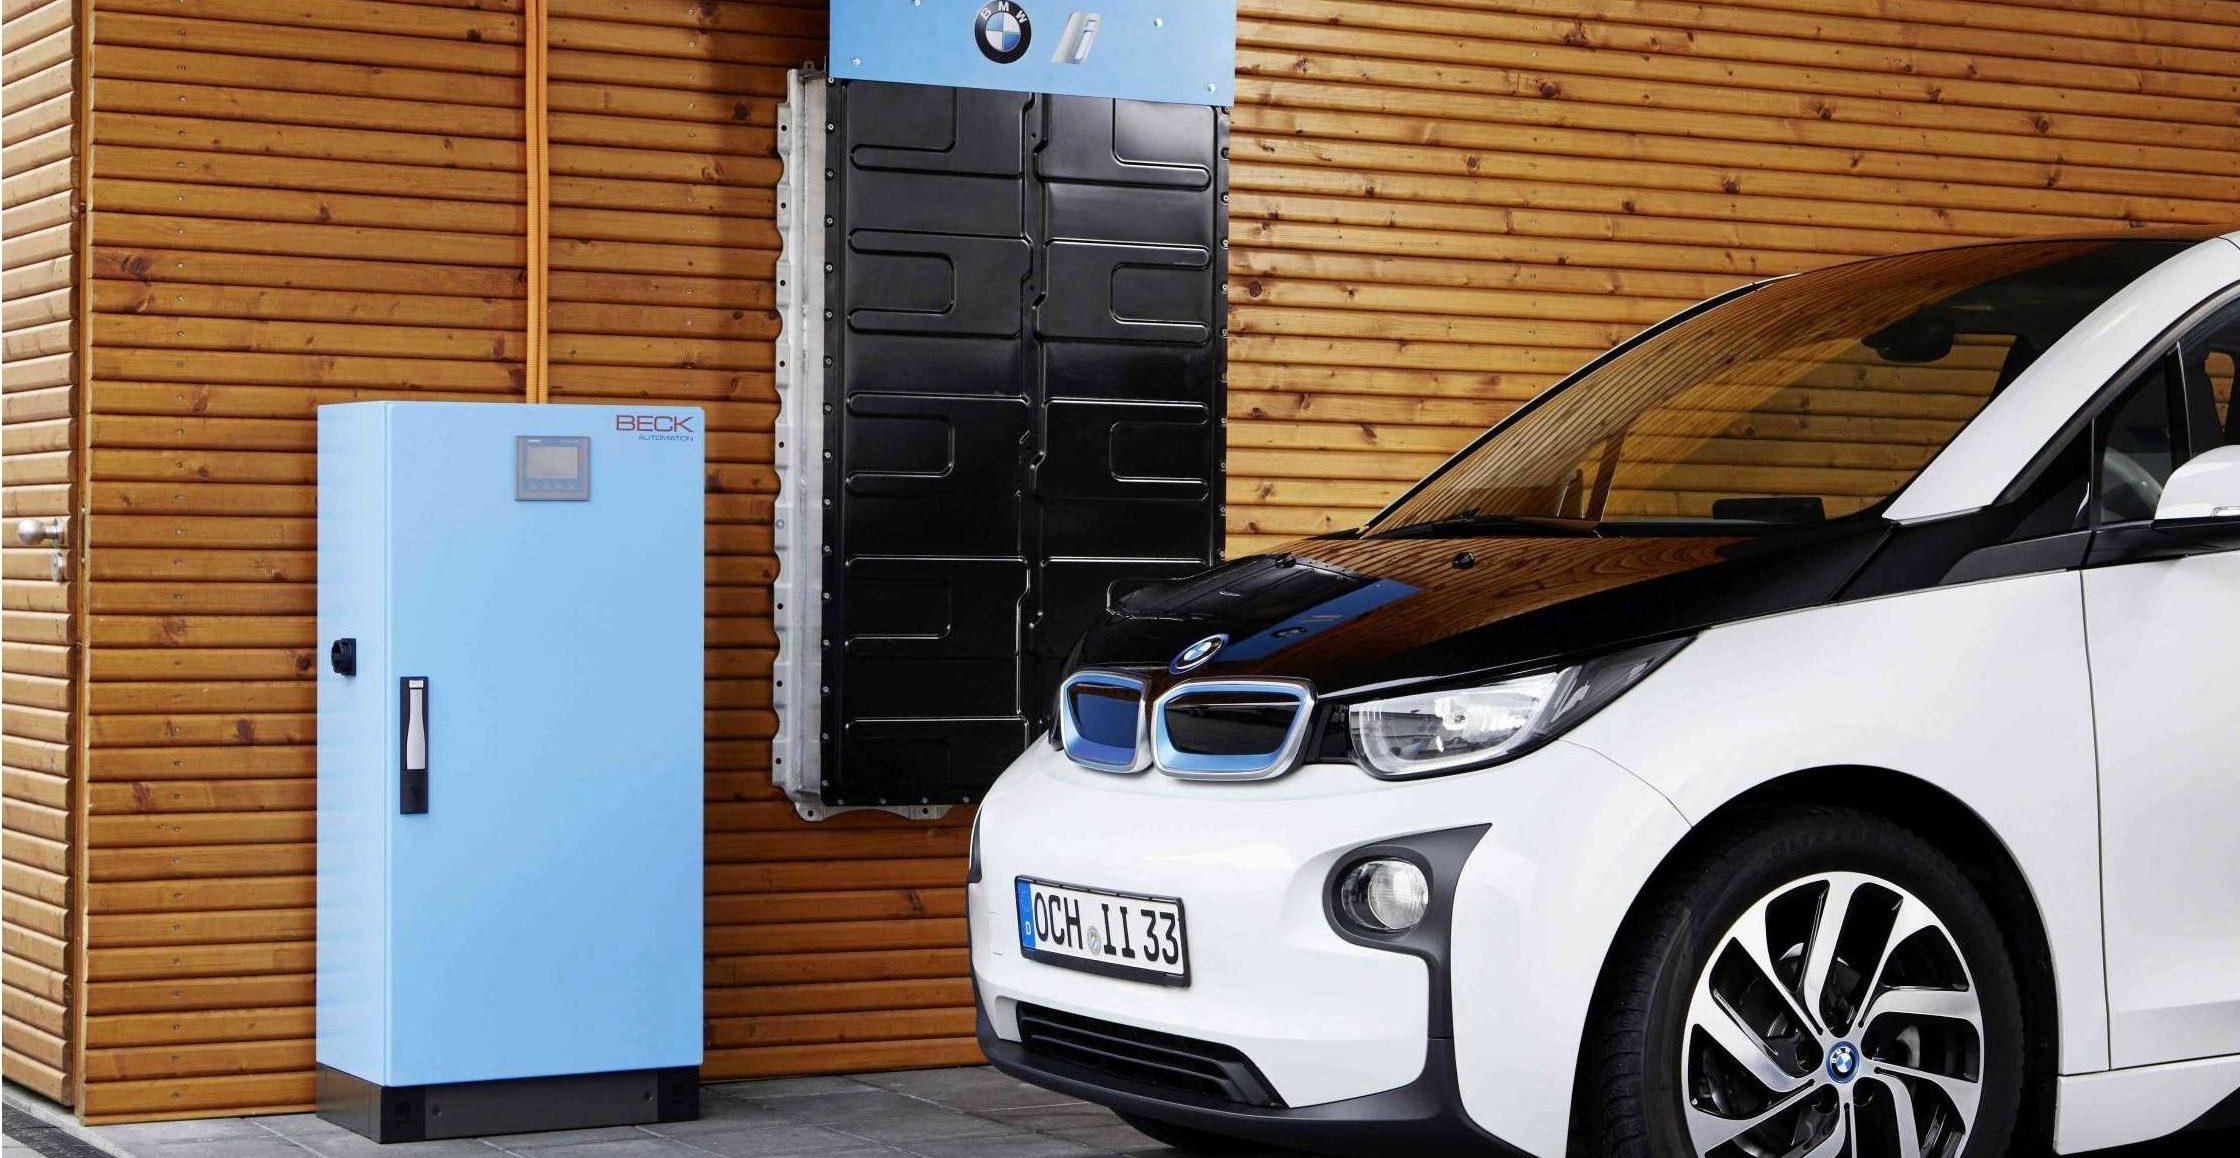 BMW-Battery-storage